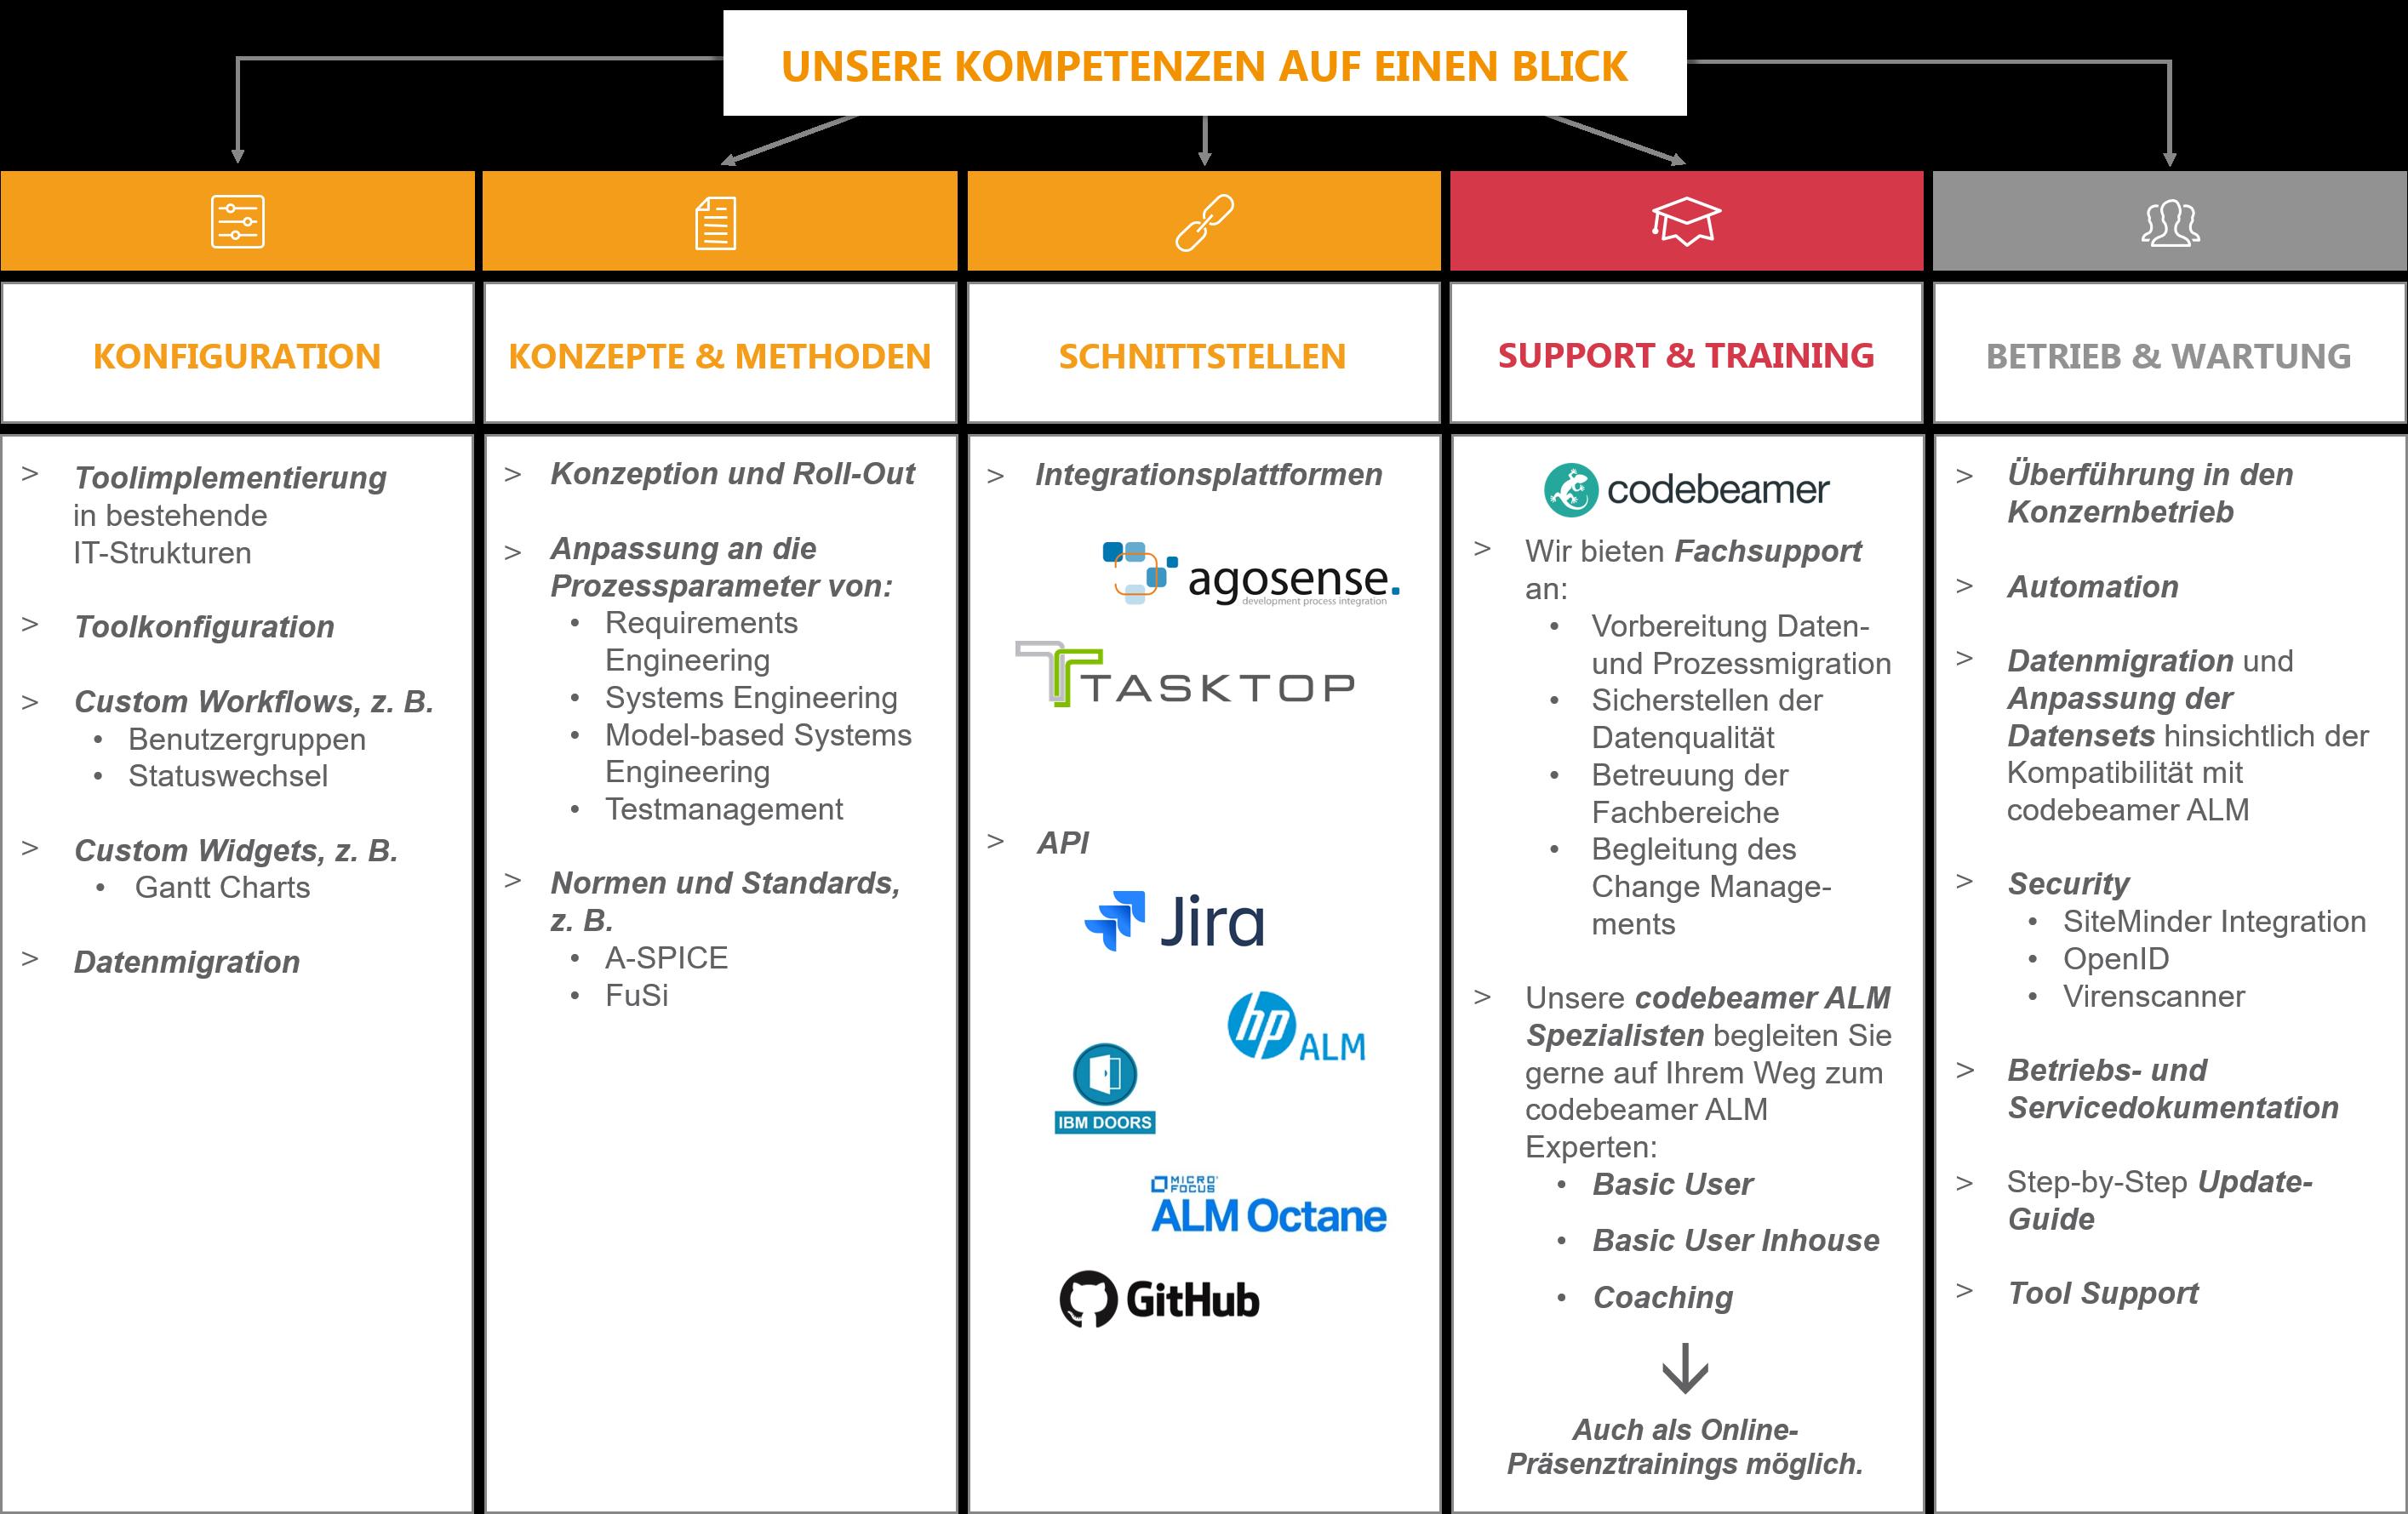 ALM_Systemintegration_Kompetenzen_Loesch_und_Partner_GmbH_Muenchen_Juni_2021